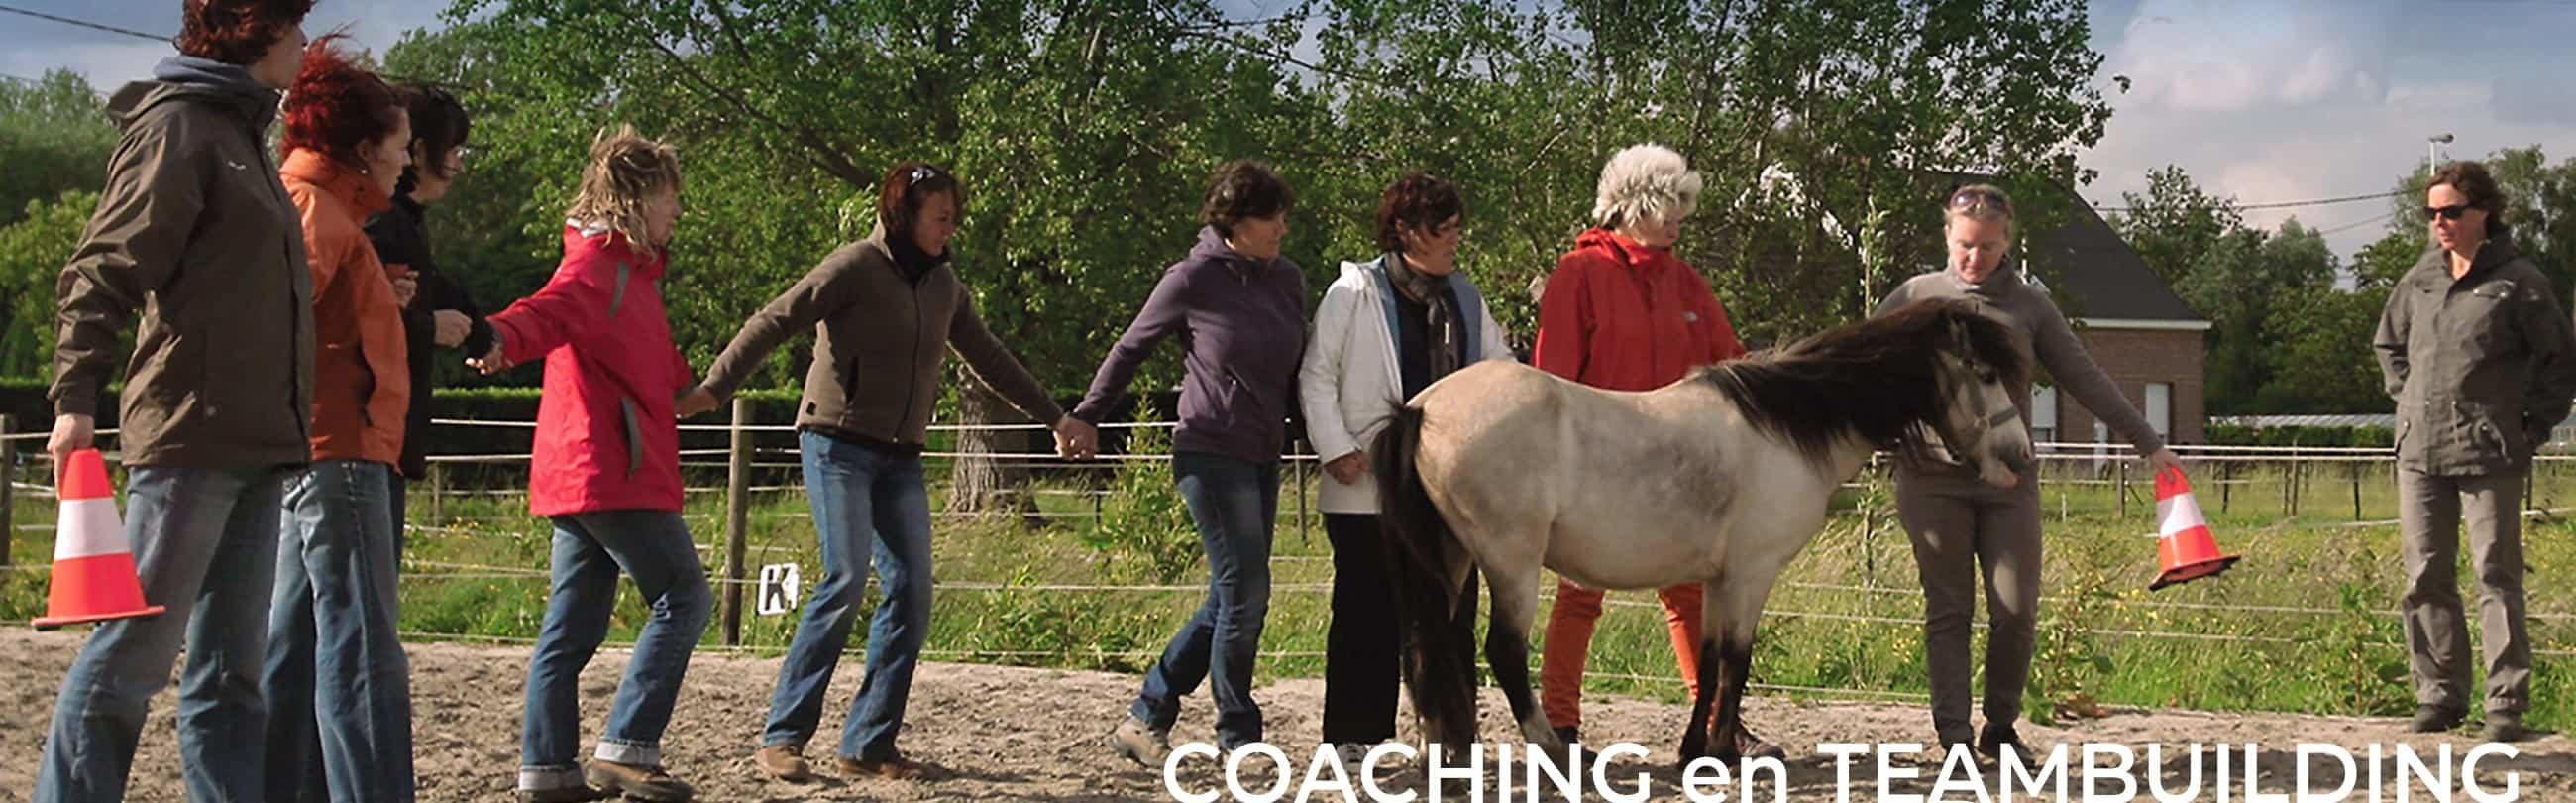 Equi Source coaching en teambuilding